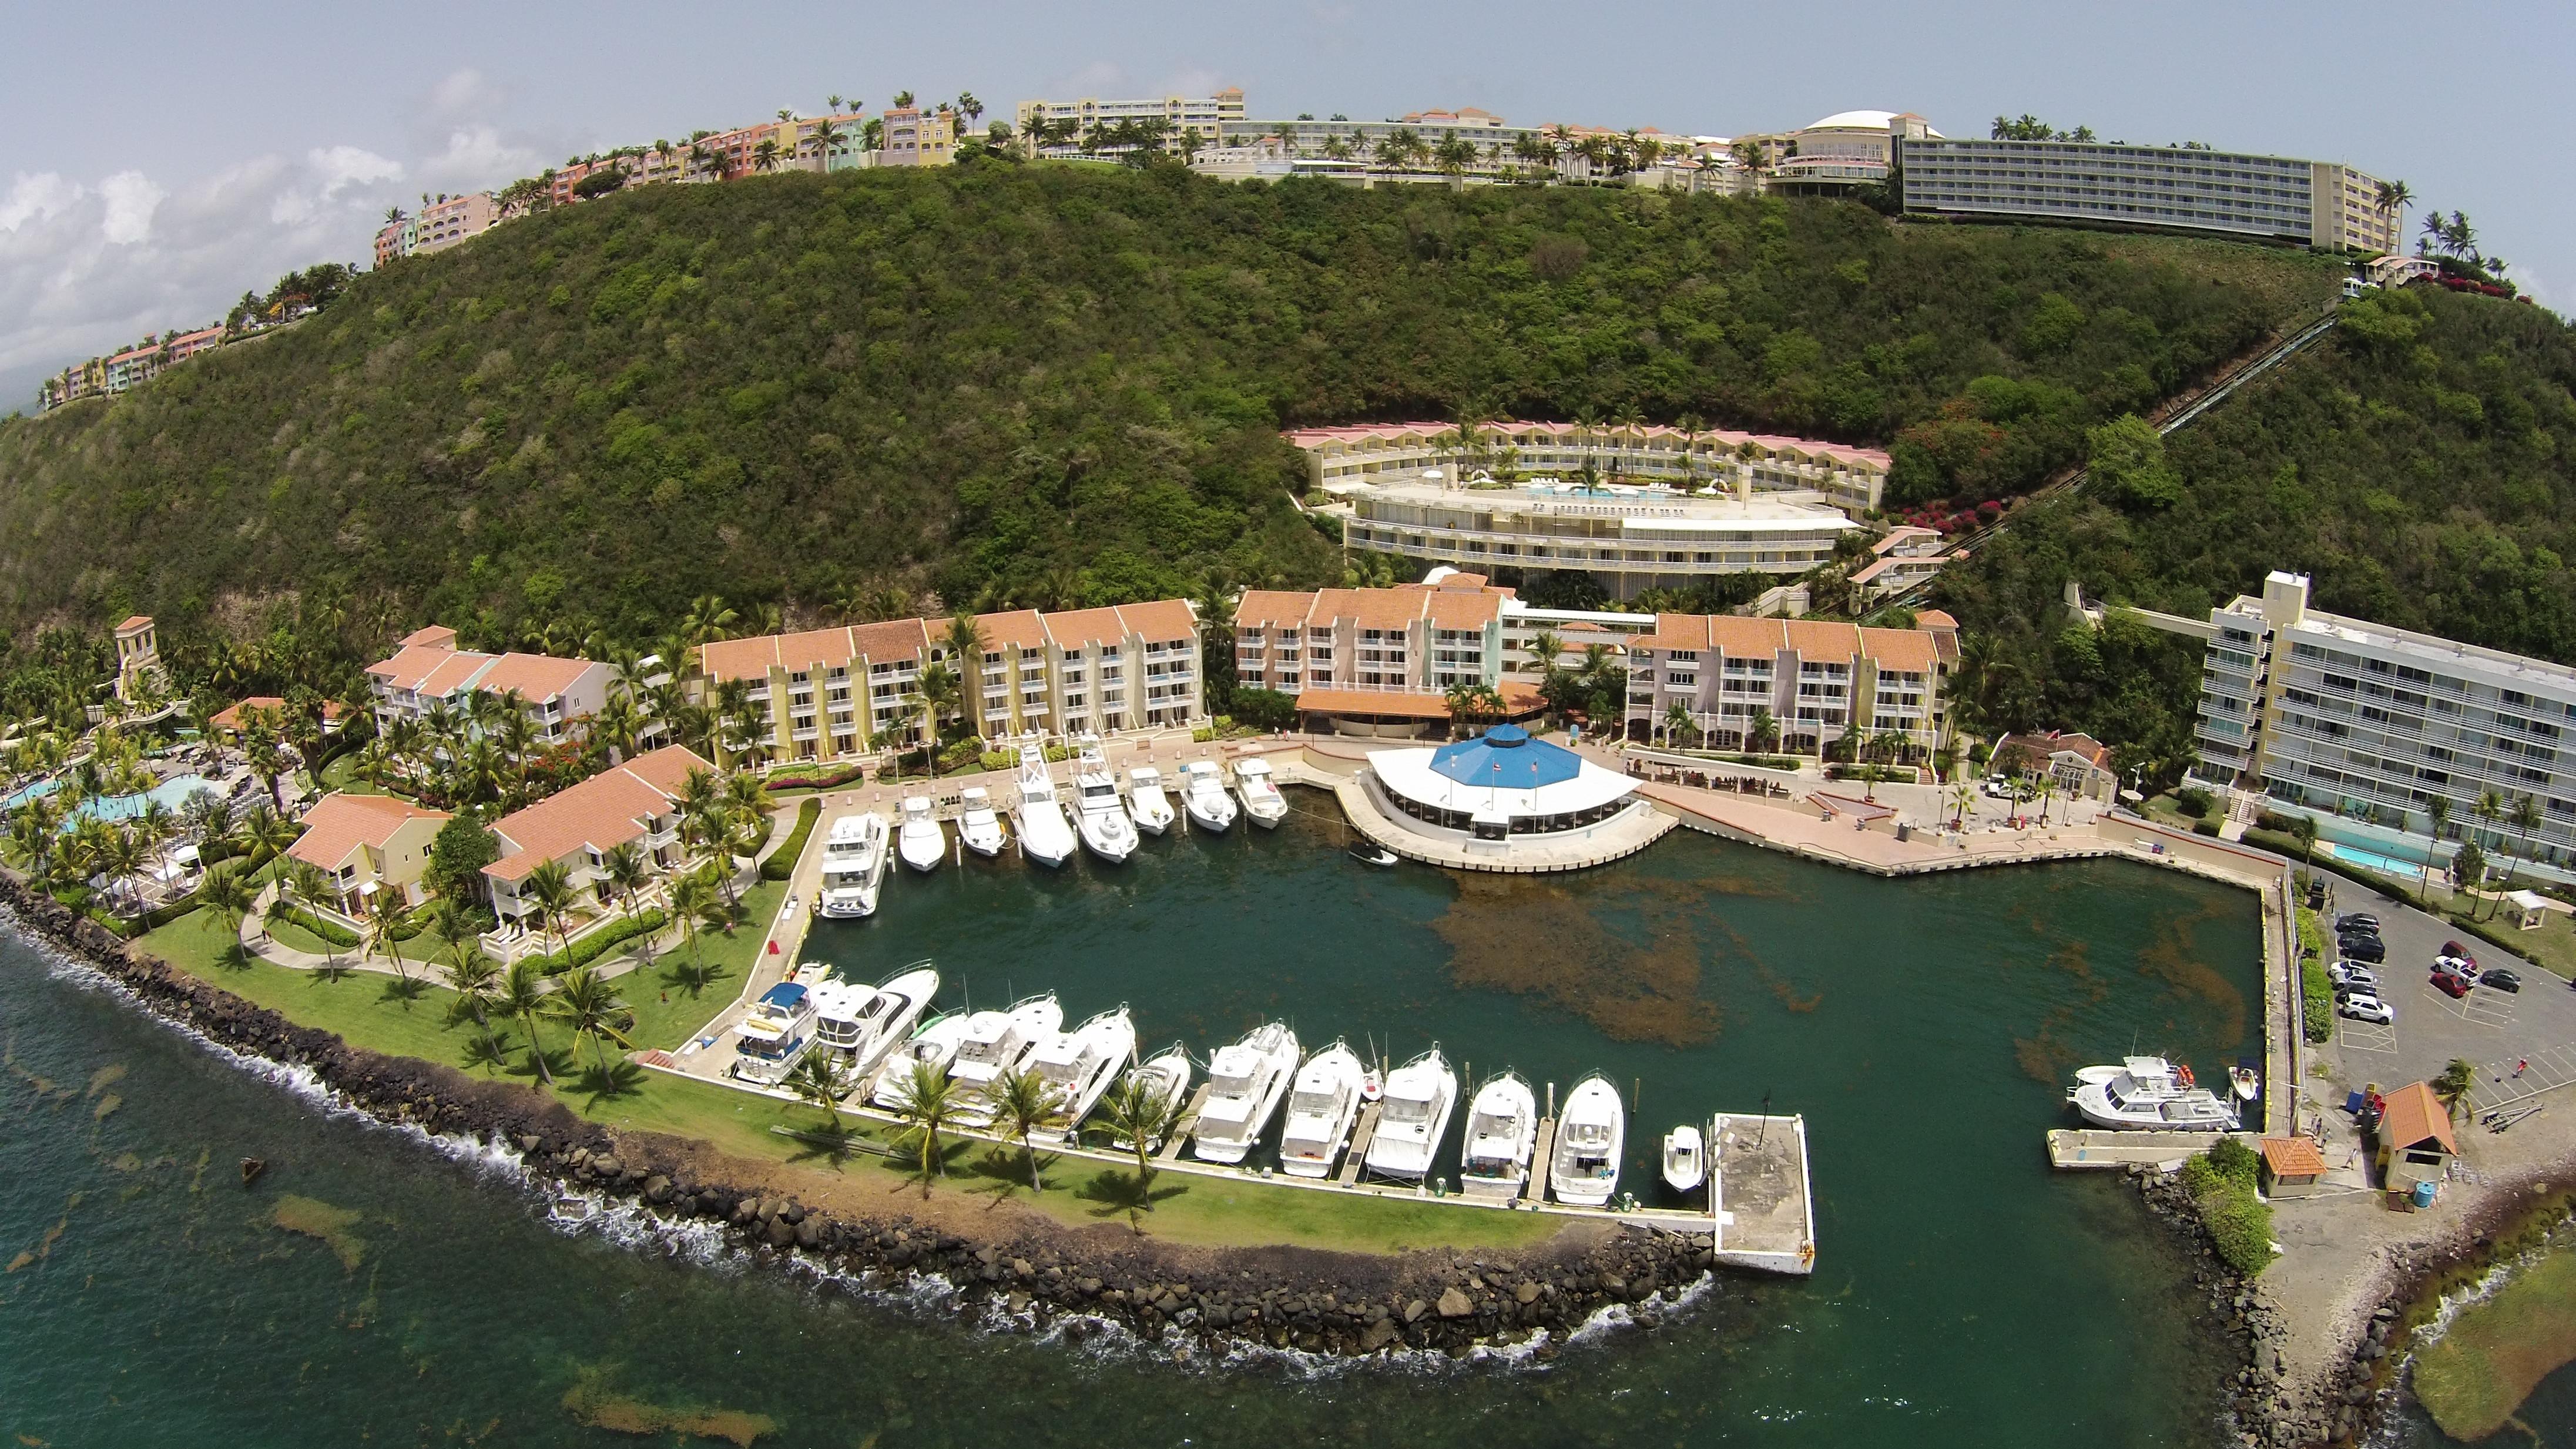 Puerto rico el conquistador casino casino montbenon lausanne